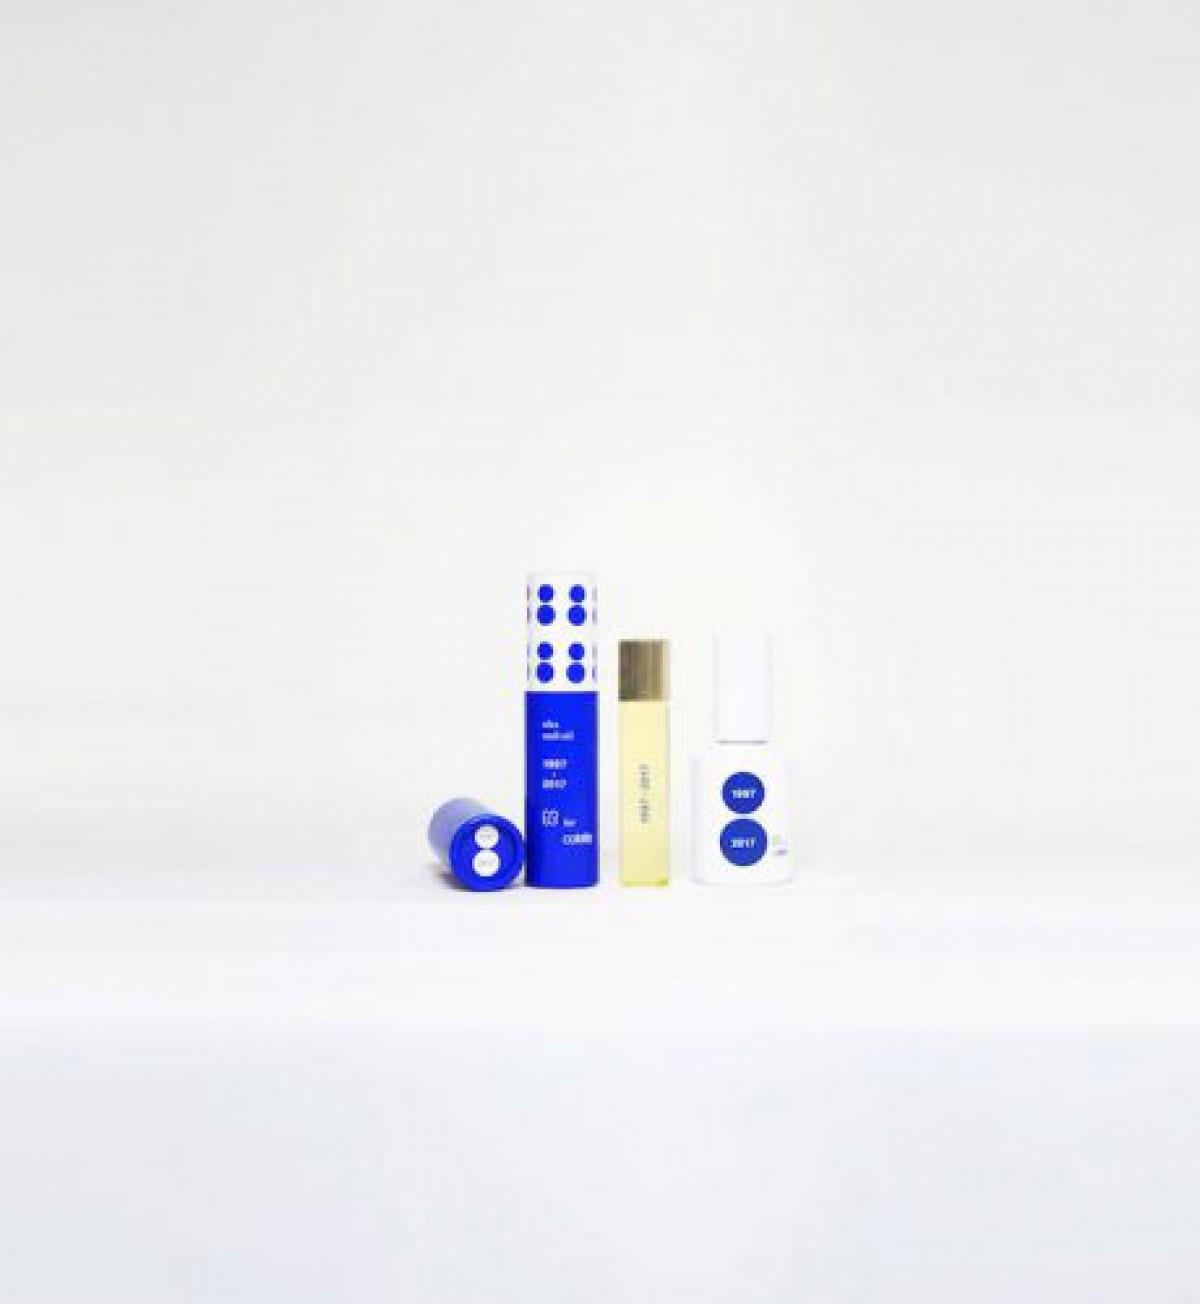 象徴的なブルーのネイルオイルが復刻、コレットが「uka」と再びコラボ